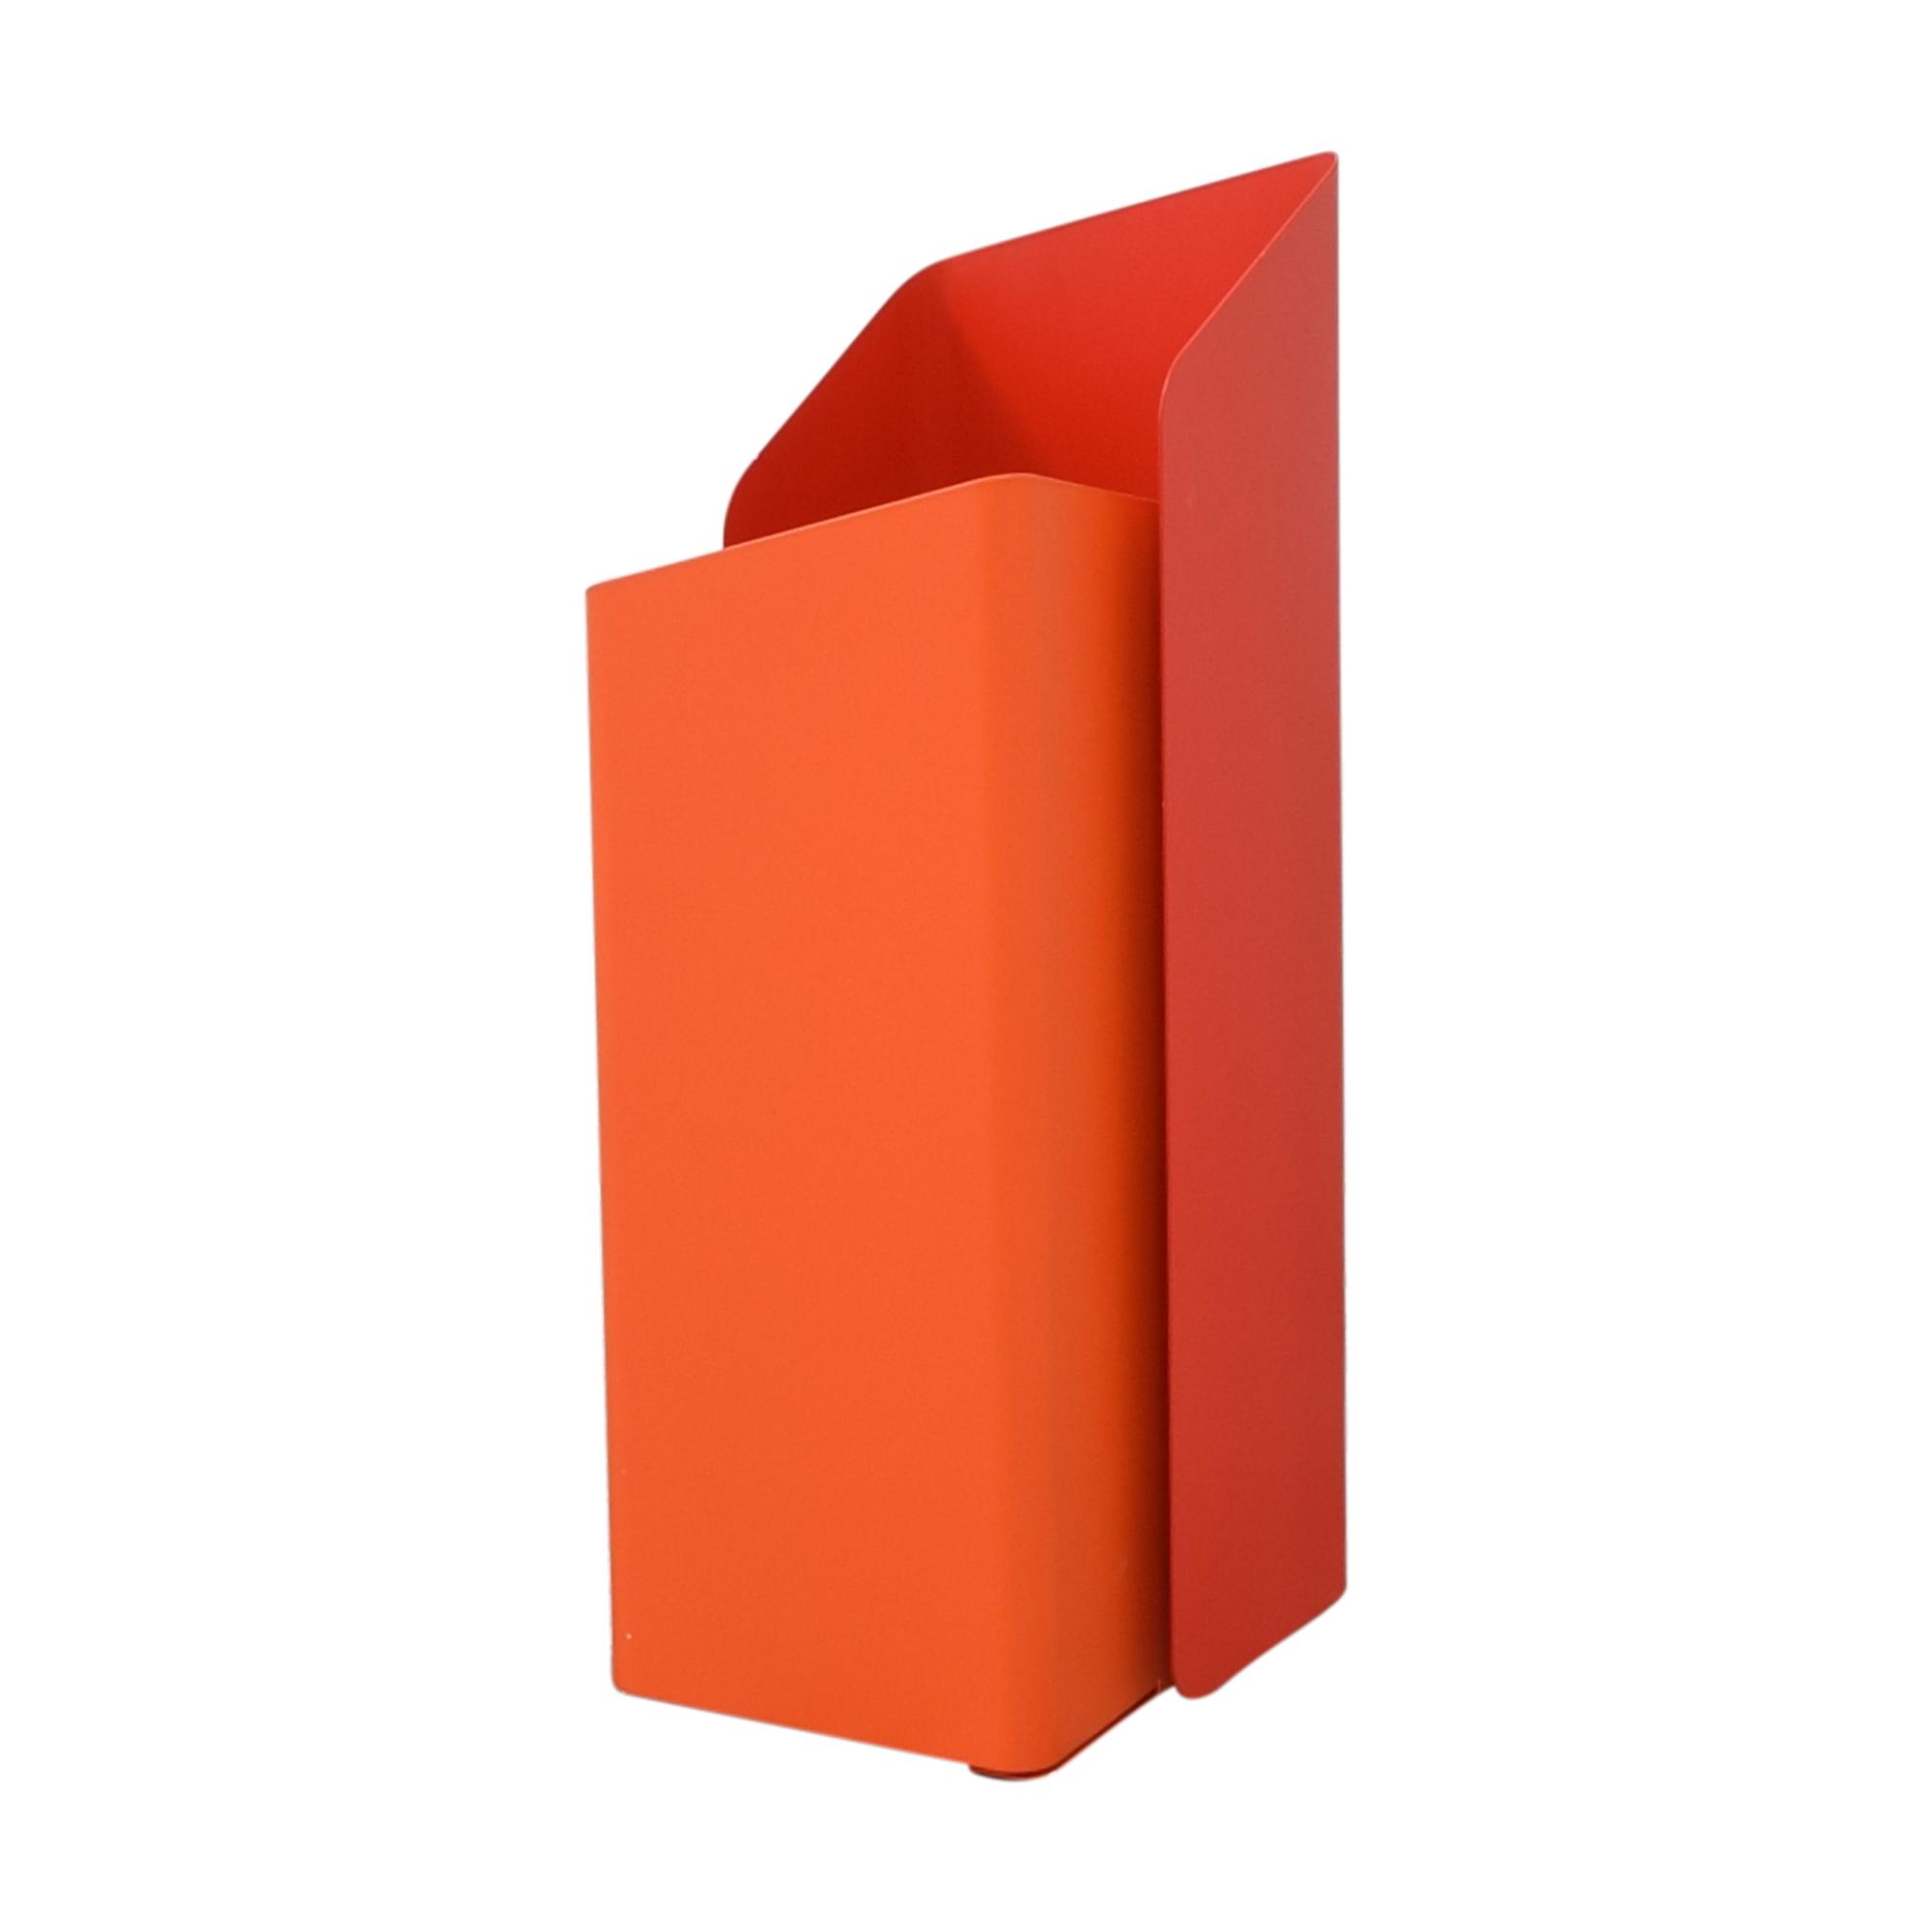 Progetti Laberint Umbrella Stand  / Decorative Accents